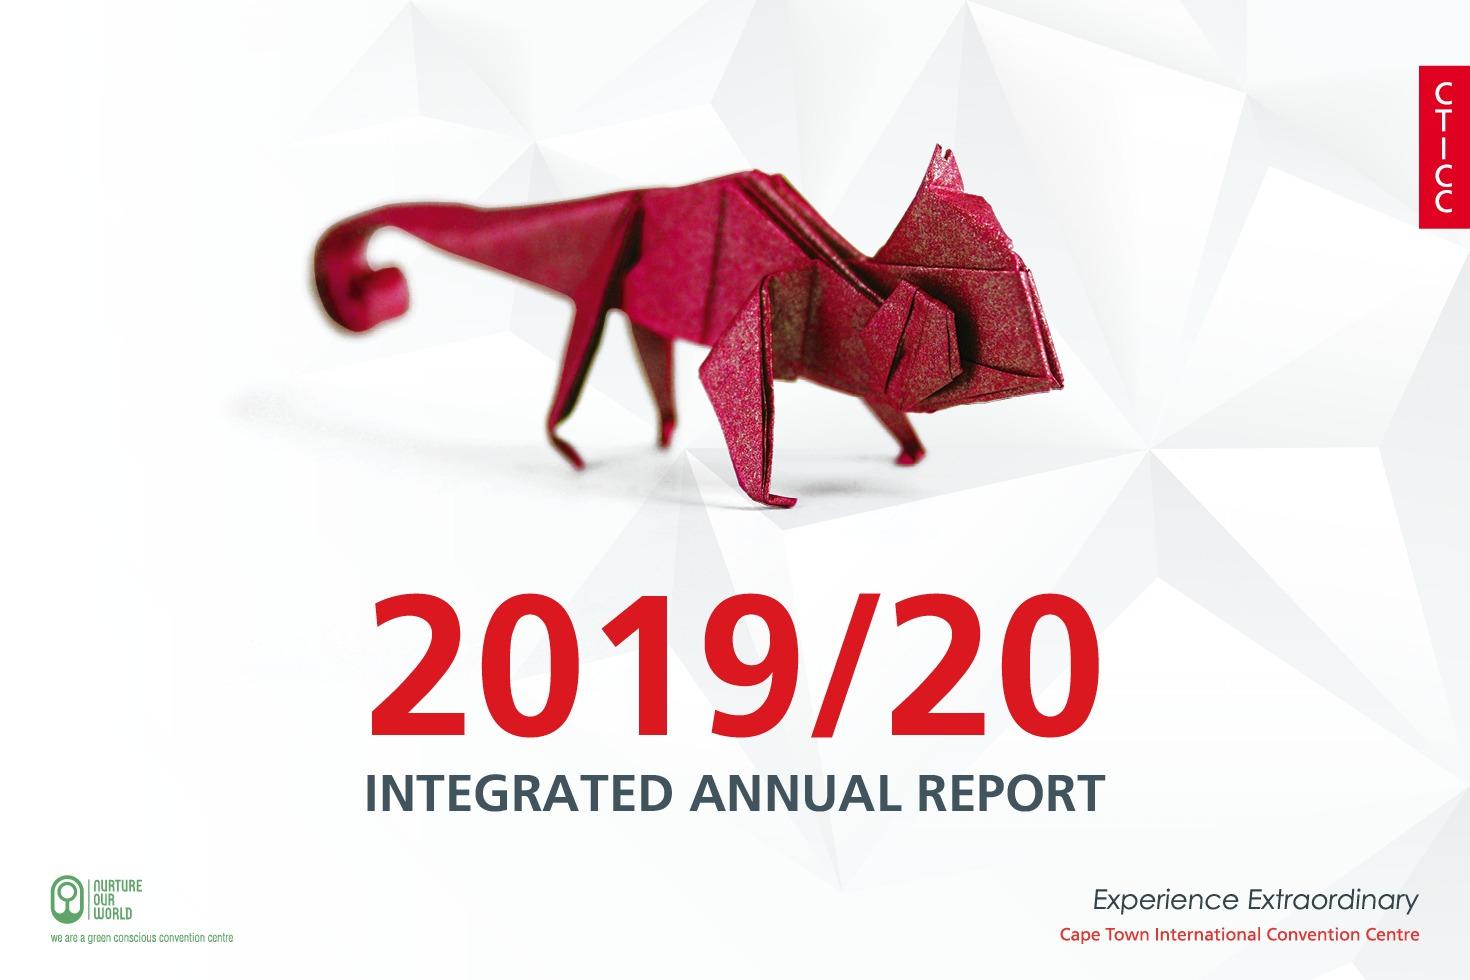 CTICC Integrated Annual Report